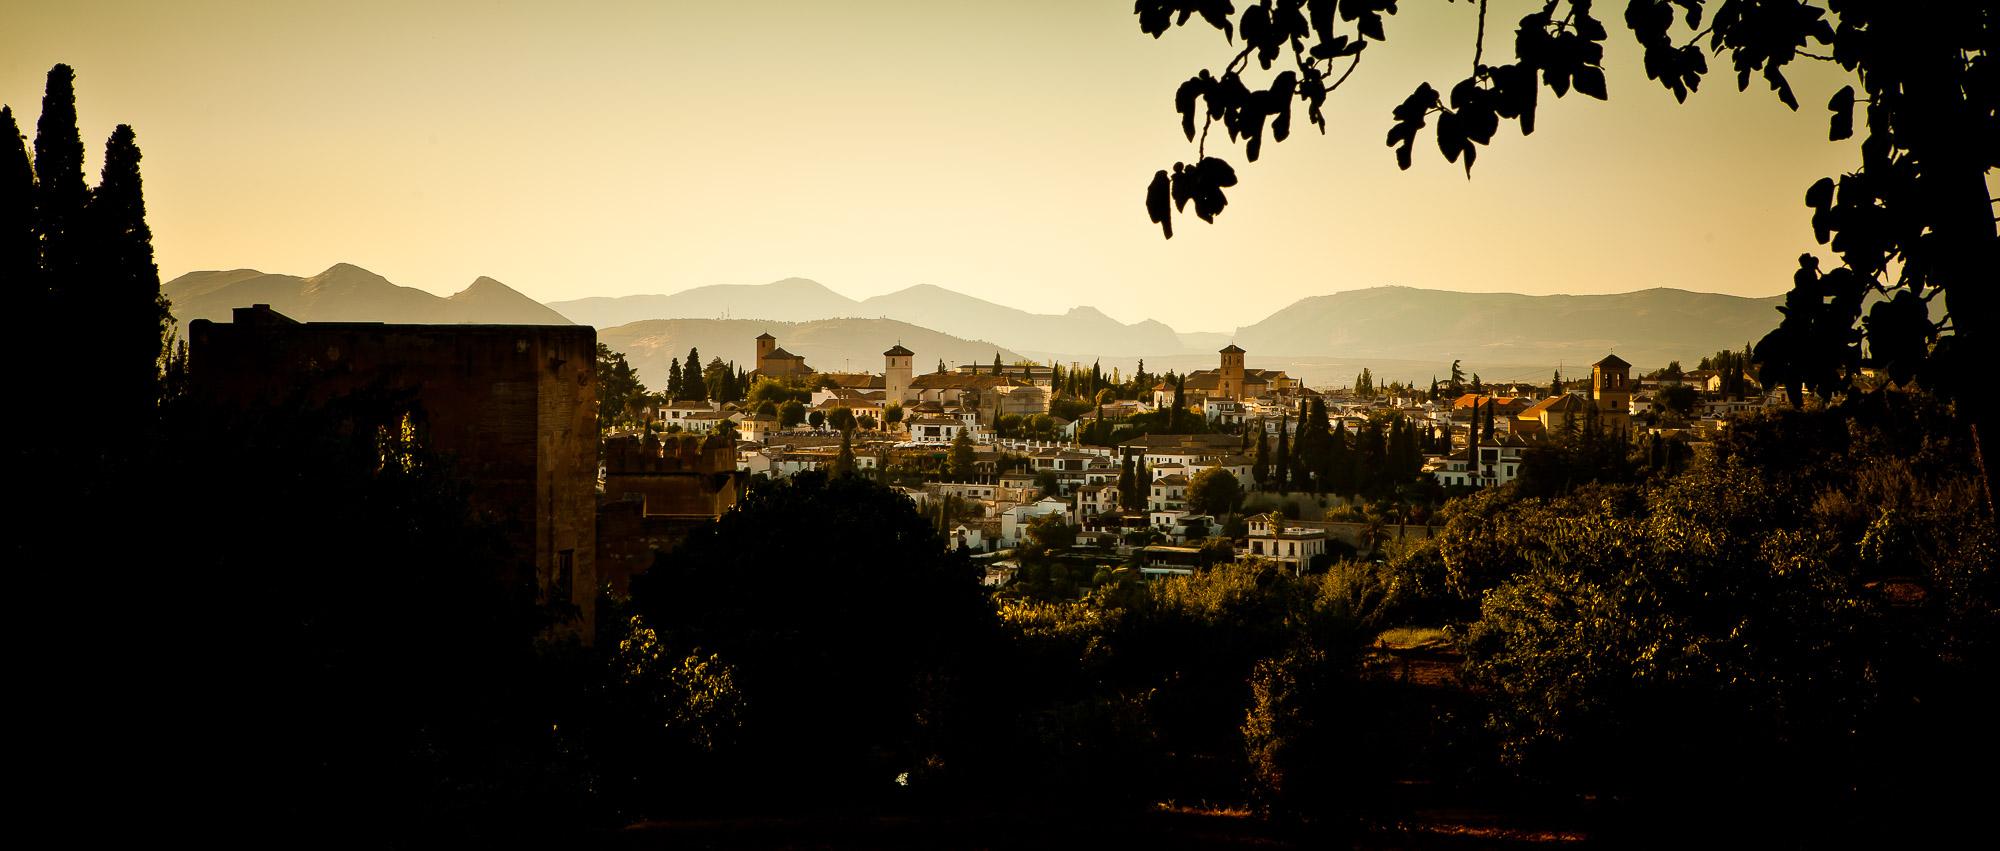 Alhambra-018.jpg